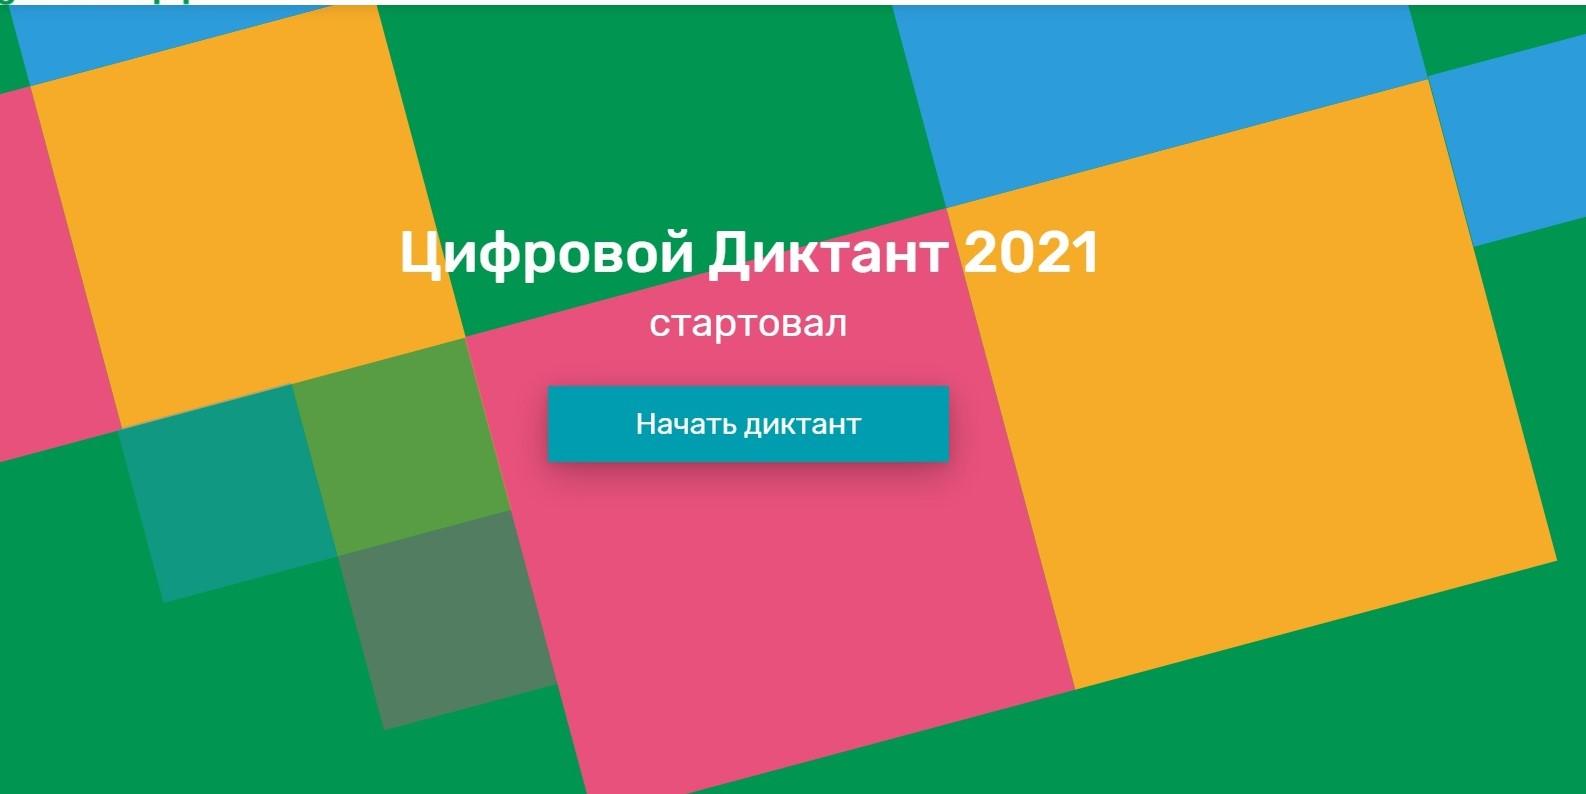 Дан старт цифровому диктанту 2021!